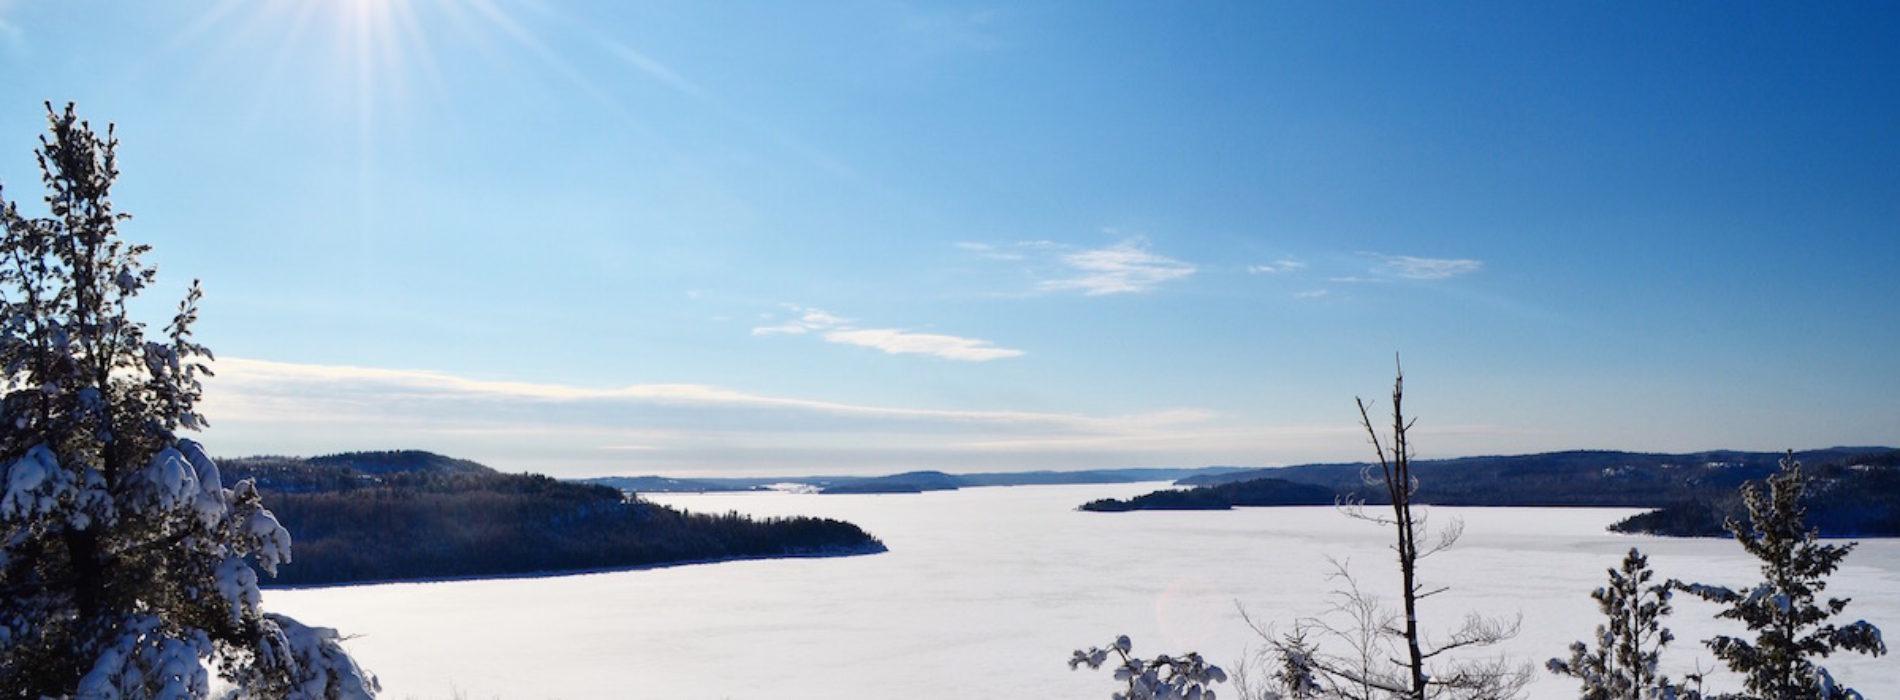 La pureté de la beauté hivernale de l'Abitibi-Témiscamingue